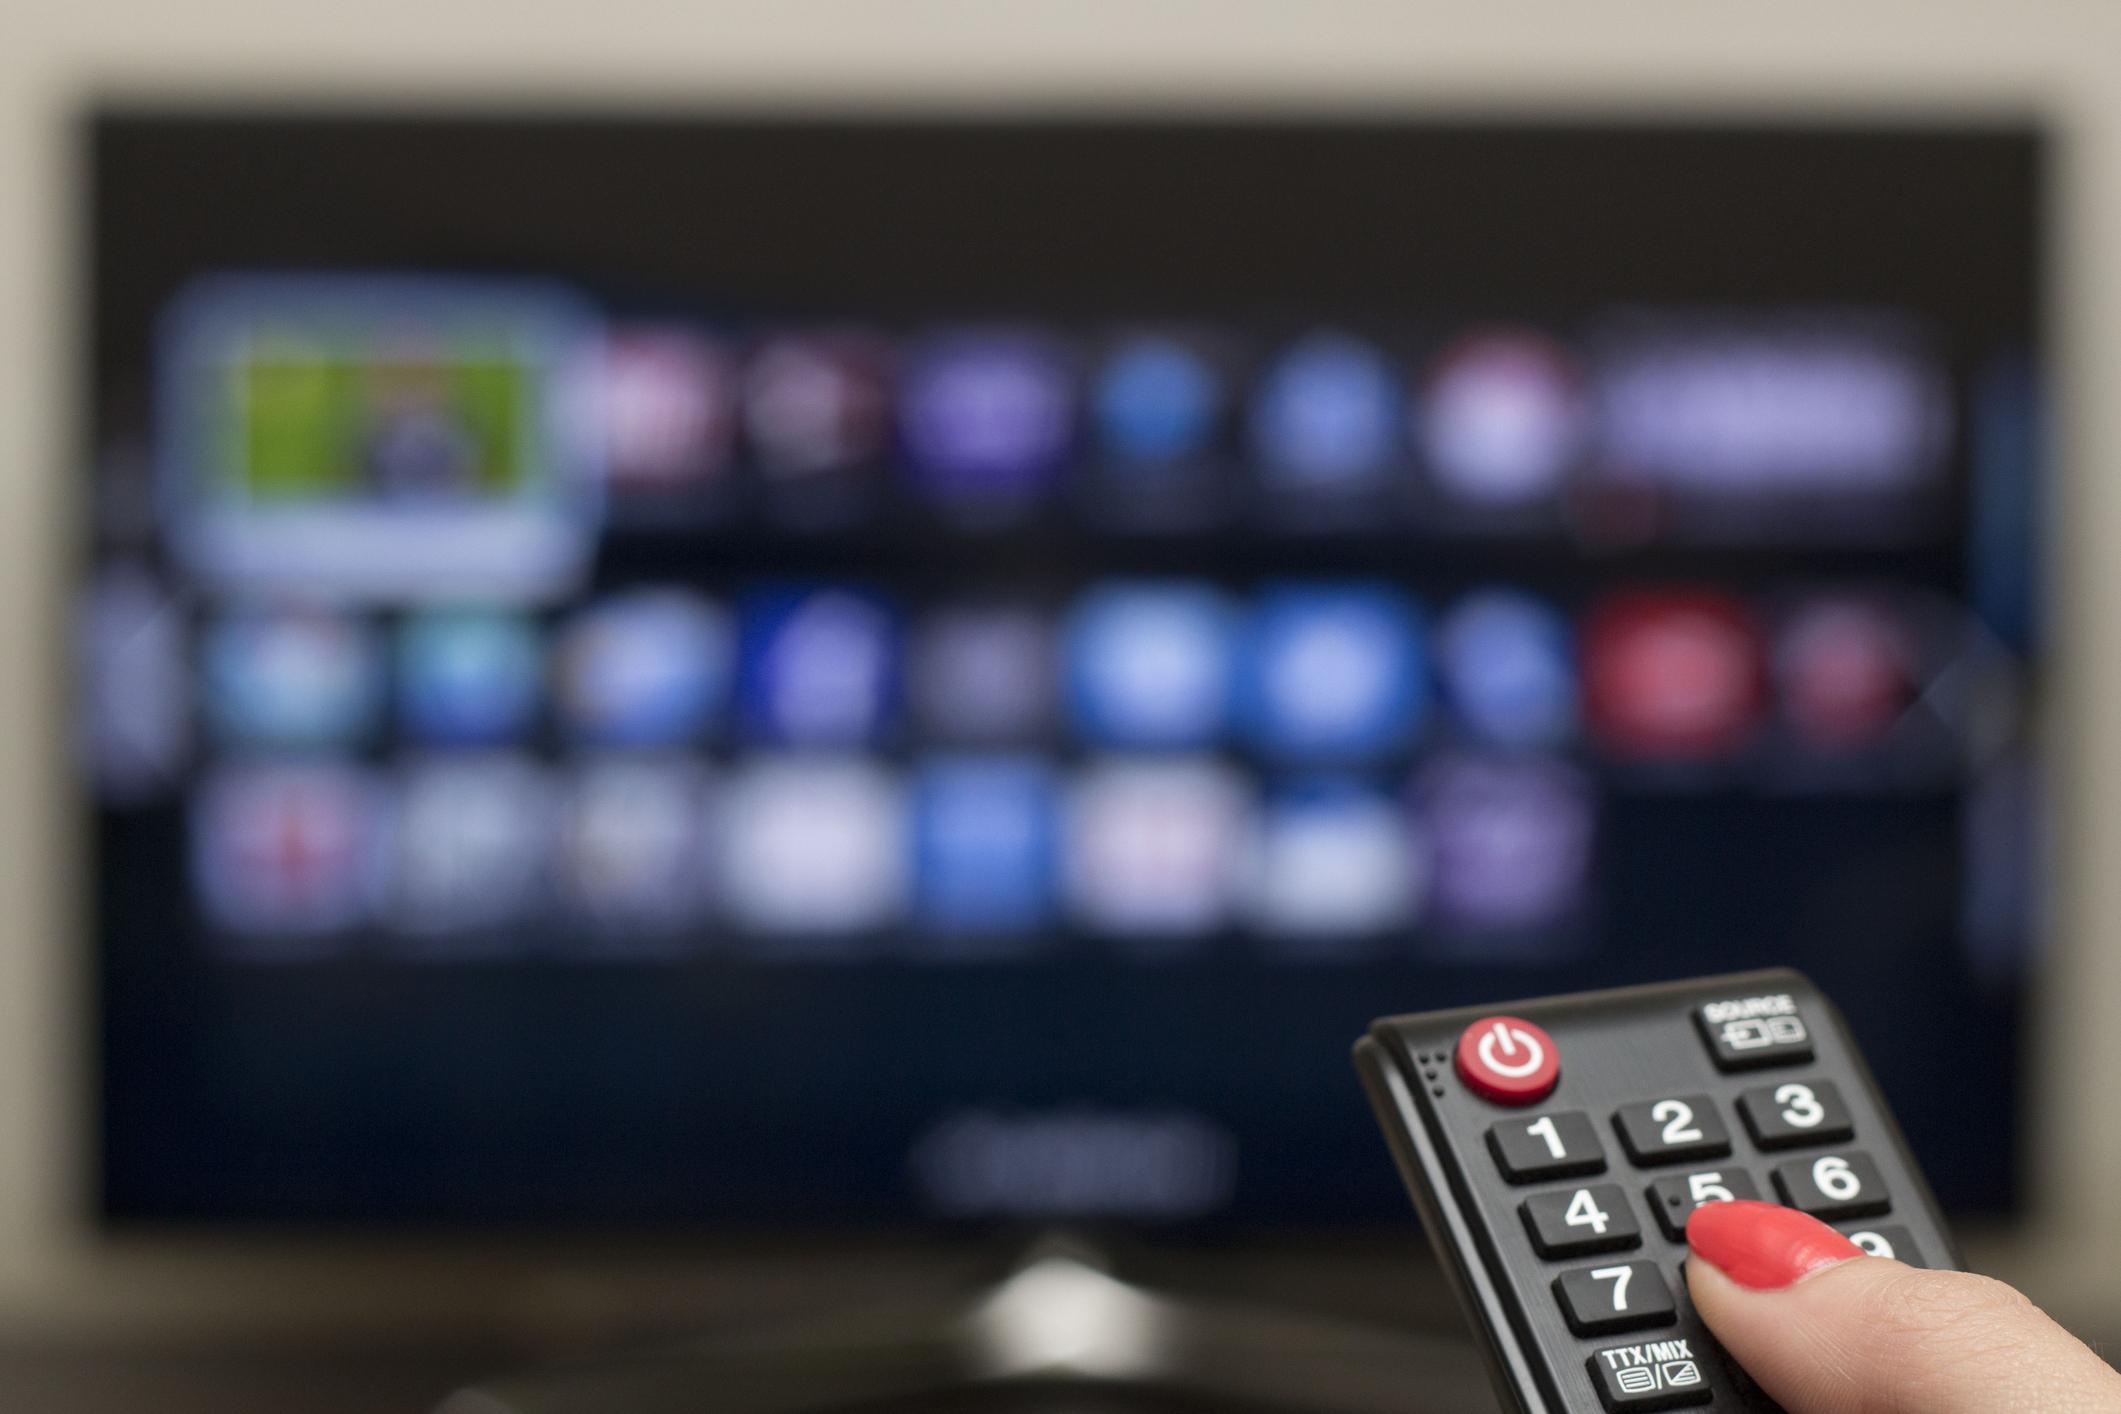 A woman controls a smart TV.